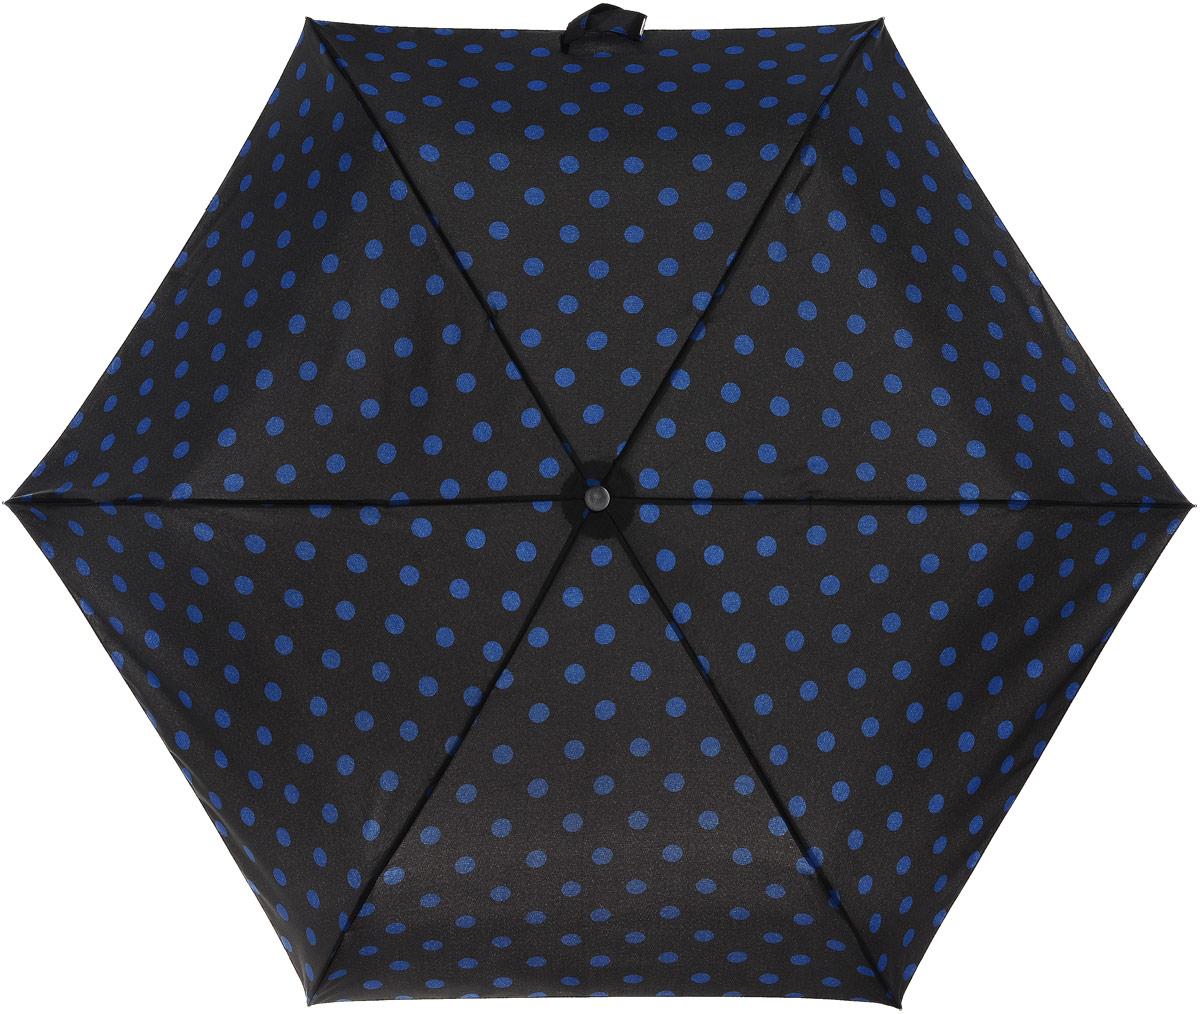 Зонт женский Cath Kidston Minilite, механический, 3 сложения, цвет: черный, темно-синий. L768-3067L768-3067 ButtonSpotBlack&InkСтильный механический зонт Cath Kidston Minilite в 3 сложения даже в ненастную погоду позволит вам оставаться элегантной. Облегченный каркас зонта выполнен из 8 спиц из фибергласса и алюминия, стержень также изготовлен из алюминия, удобная рукоятка - из пластика. Купол зонта выполнен из прочного полиэстера. В закрытом виде застегивается хлястиком на липучке. Яркий оригинальный принт в горох поднимет настроение в дождливый день. Зонт механического сложения: купол открывается и закрывается вручную до характерного щелчка. На рукоятке для удобства есть небольшой шнурок, позволяющий надеть зонт на руку тогда, когда это будет необходимо. К зонту прилагается чехол с небольшой нашивкой с названием бренда. Такой зонт компактно располагается в кармане, сумочке, дверке автомобиля.